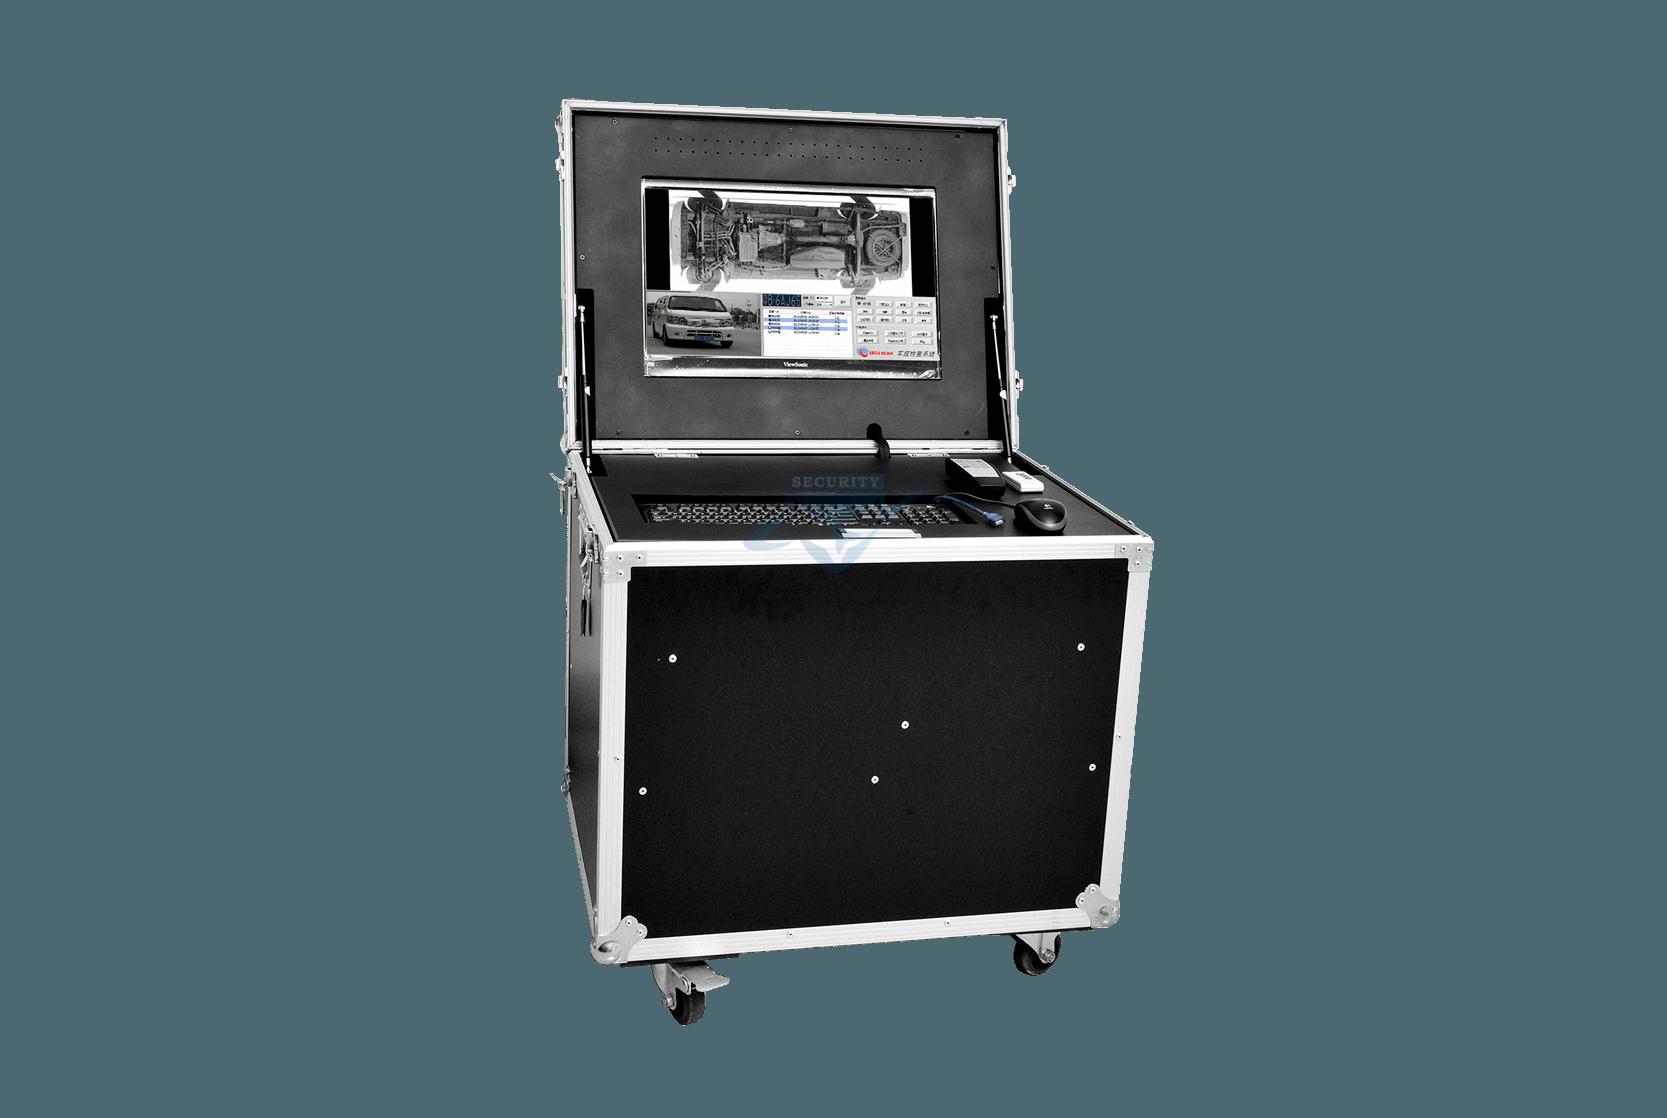 CJX-B3000-ZX移动式车底检查系统